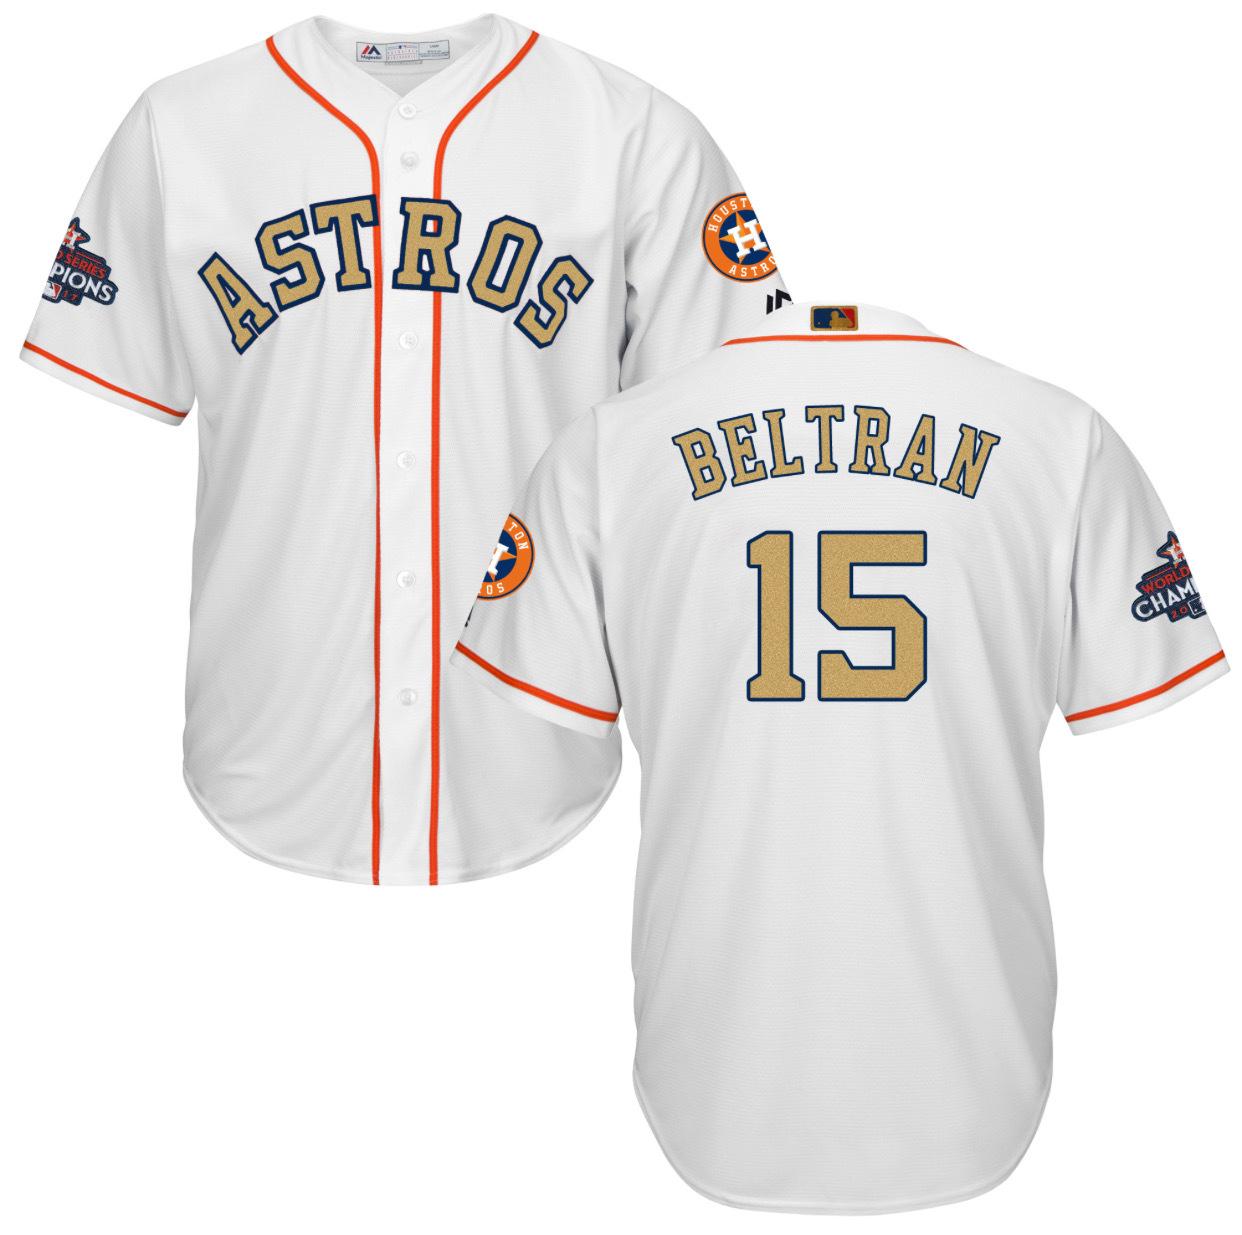 Houston Astros Cool Base MLB Custom White Gold Program Jersey